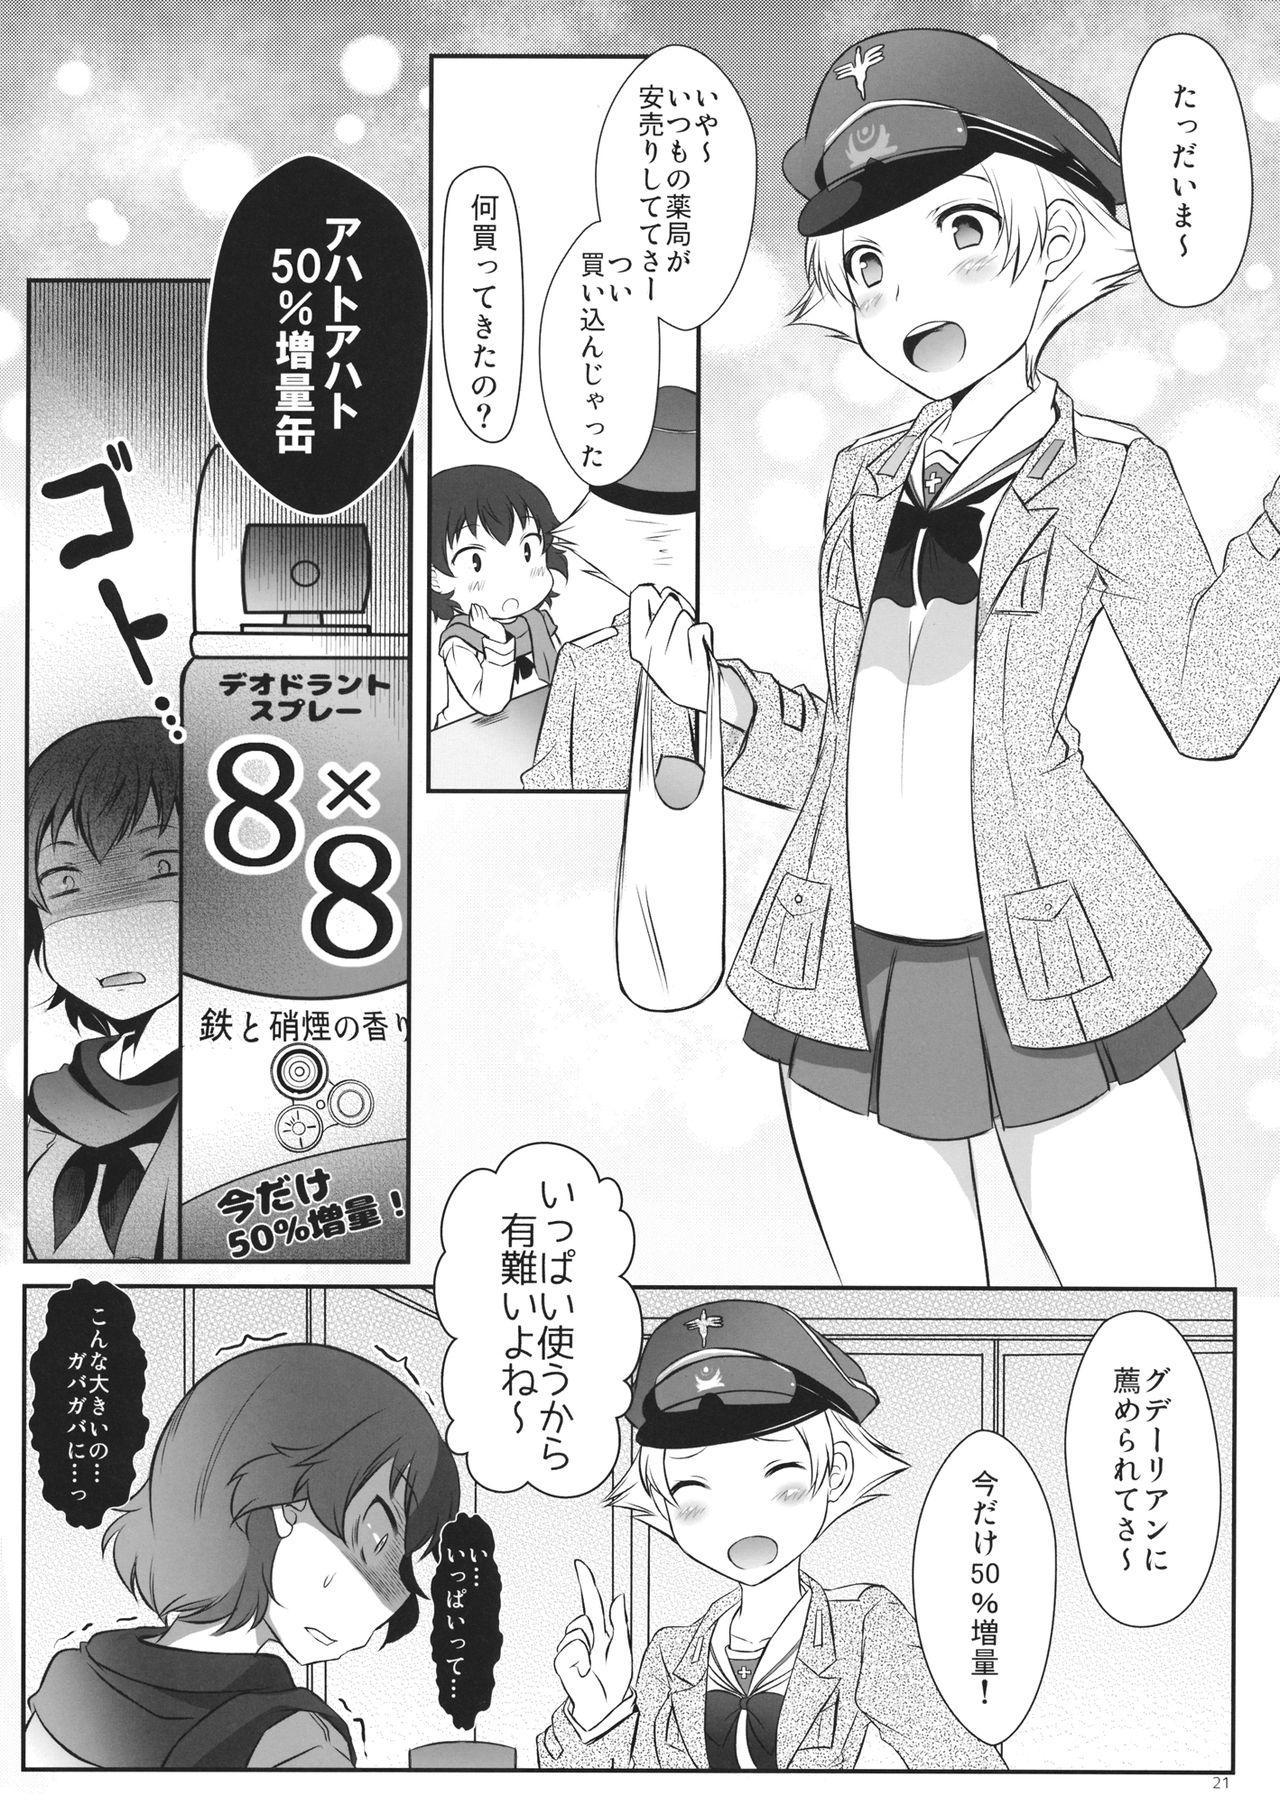 (C90) [SOY-darake (Abe Nattou)] Hina-chan Taka-chan Training (Girls und Panzer) 19